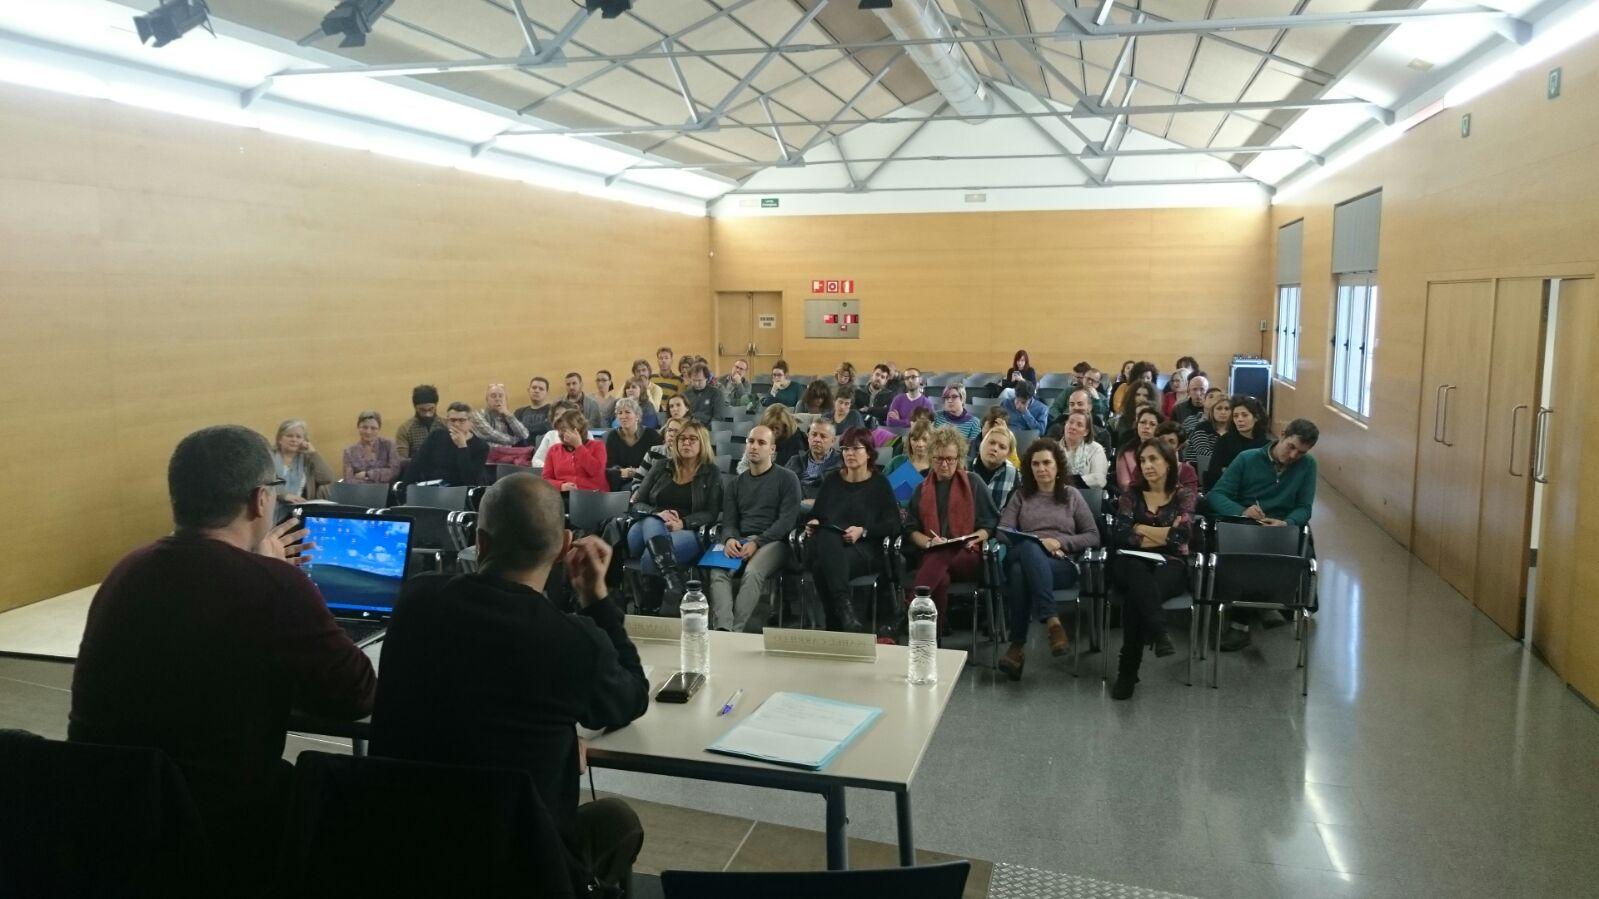 La quantitat i qualitat de les propostes rebudes i la diversitat de perfils entre els participants marquen l'arrencada del Fòrum Educatiu de Sabadell